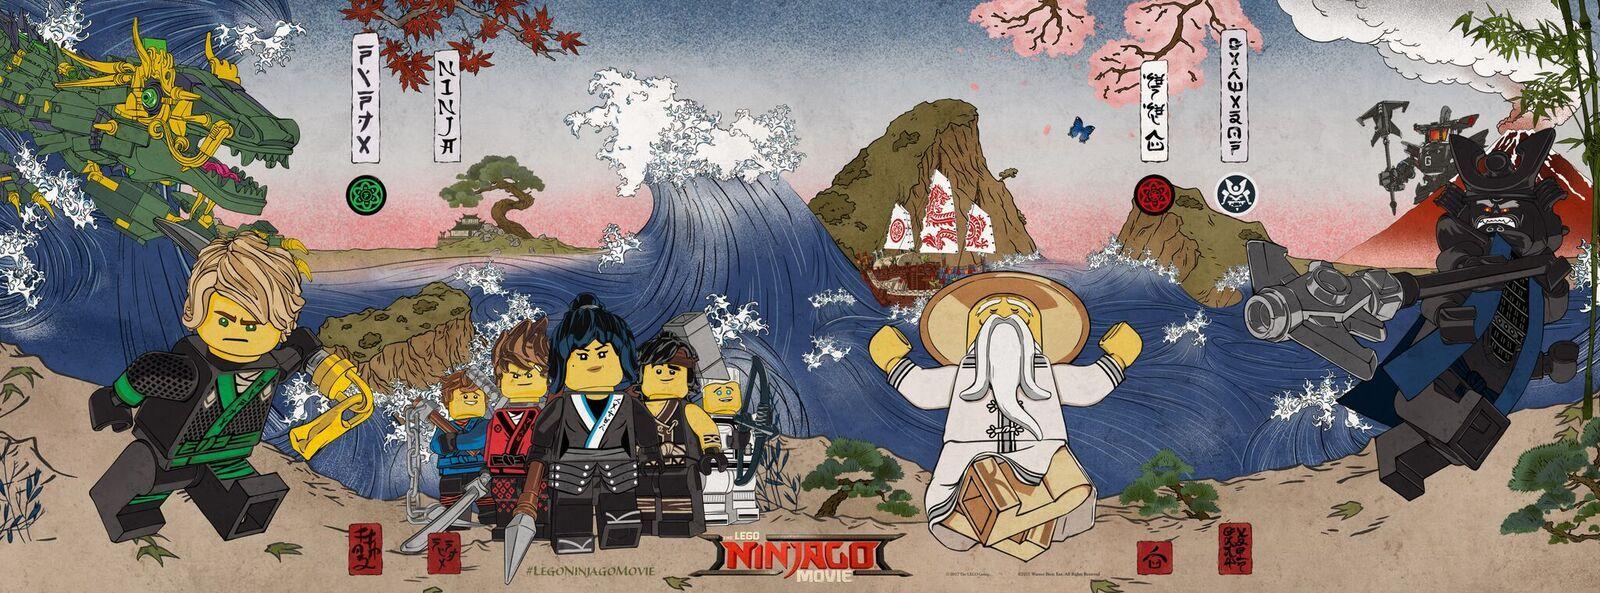 Lego Ninjago Movie Poster Goes Ukiyo E Collider